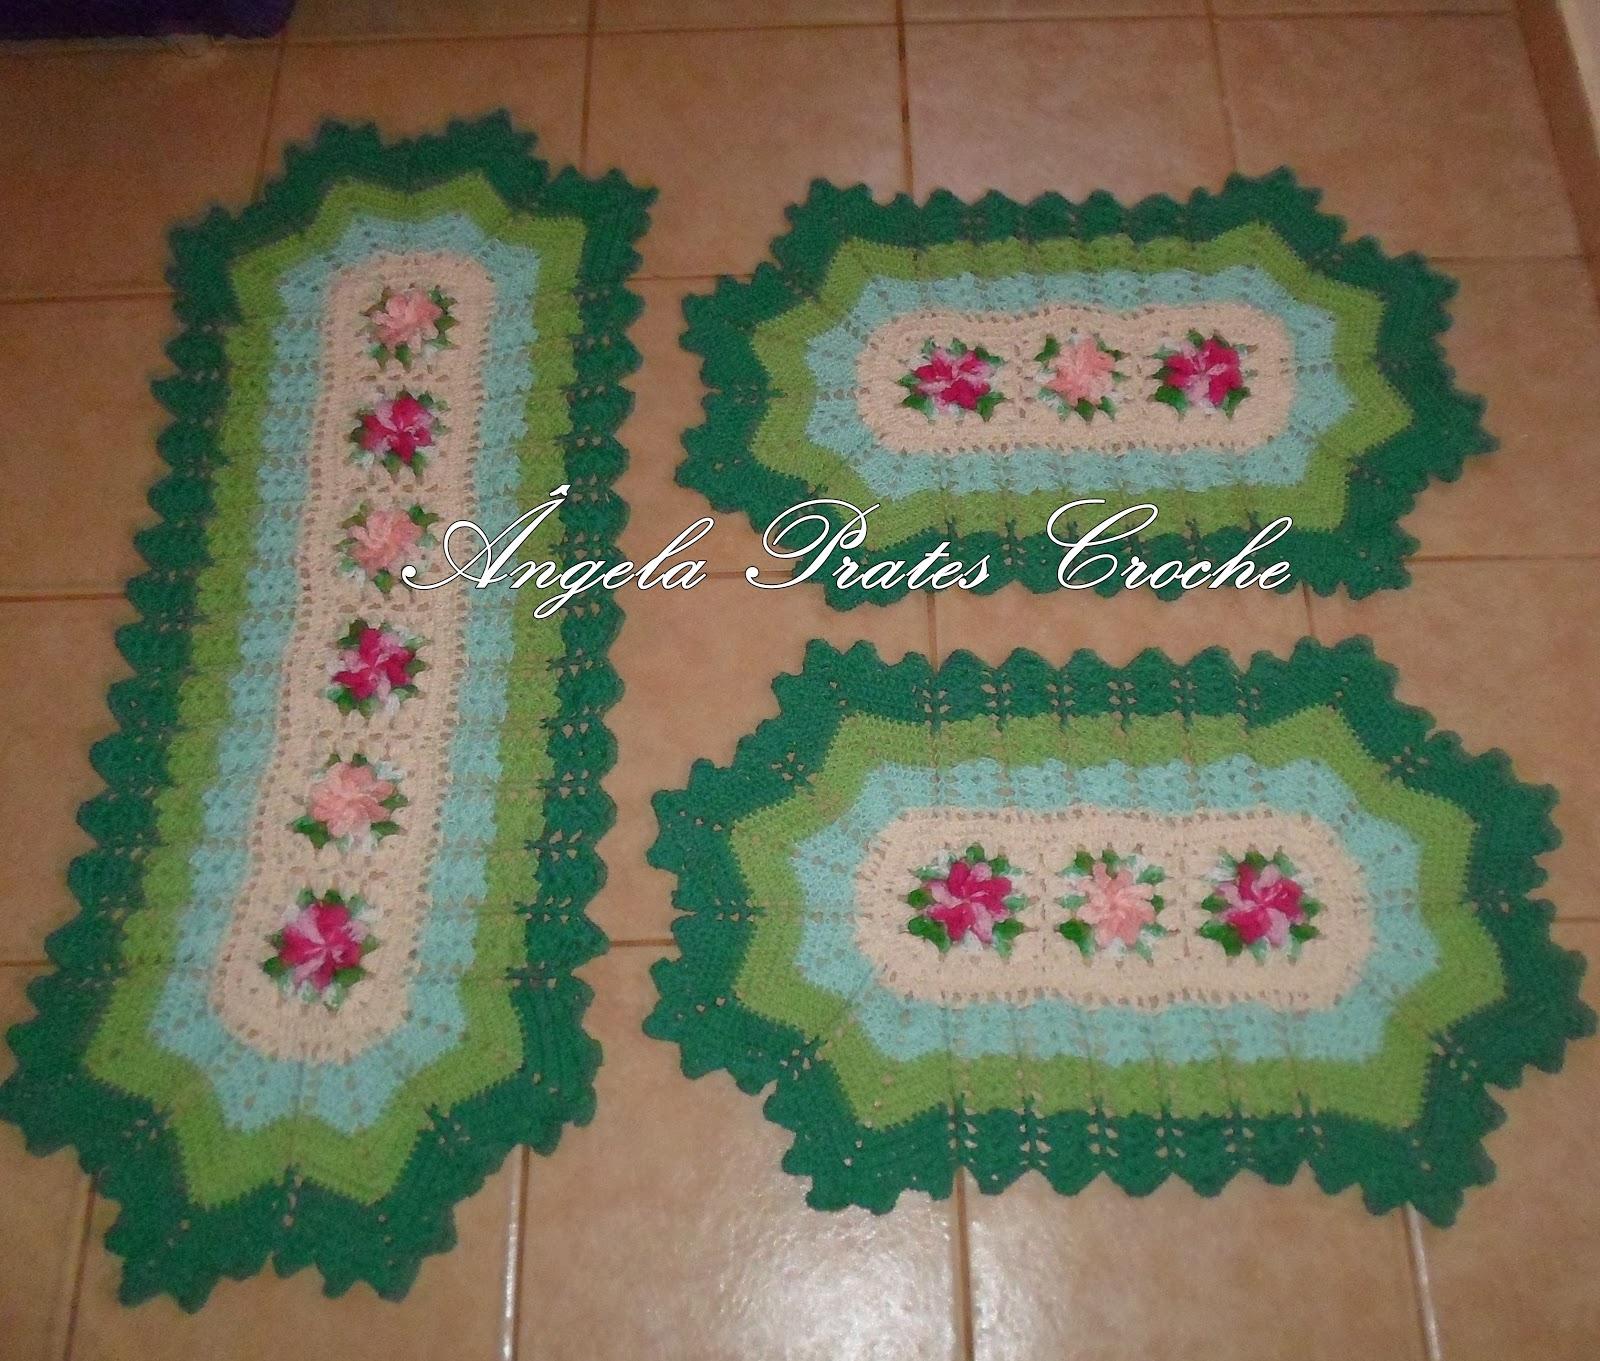 bc3c09d359 Cozinha Em Verde Limão Jogo De Cozinha 3 Pçs Verde Musgo  Ângela Prates  Croche  Jogo De Cozinha Em